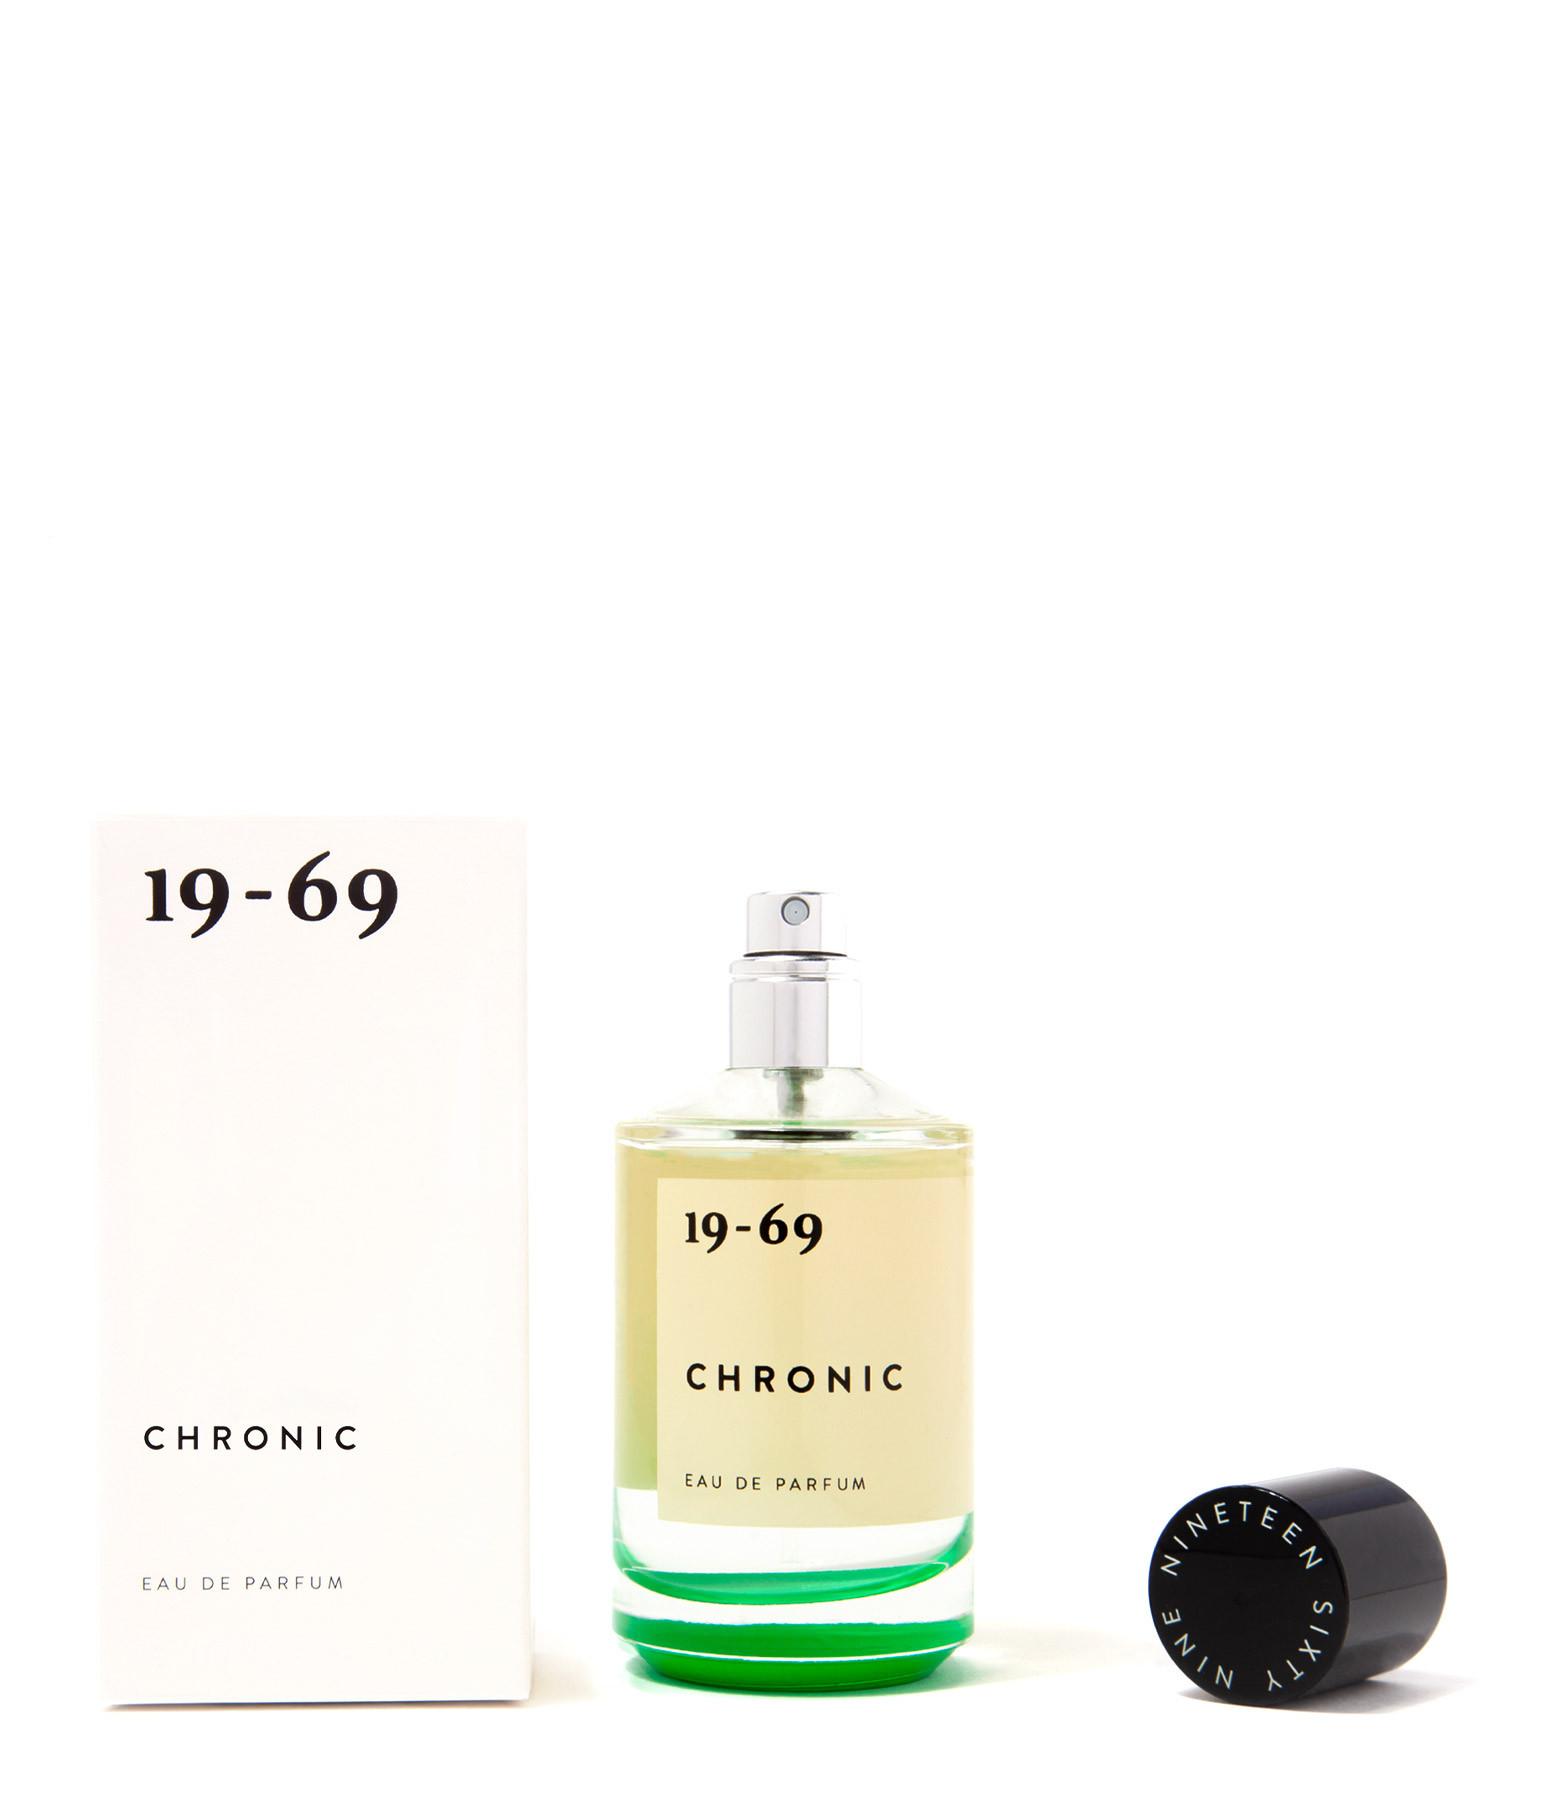 19-69 - Eau de Parfum Chronic 100 ml